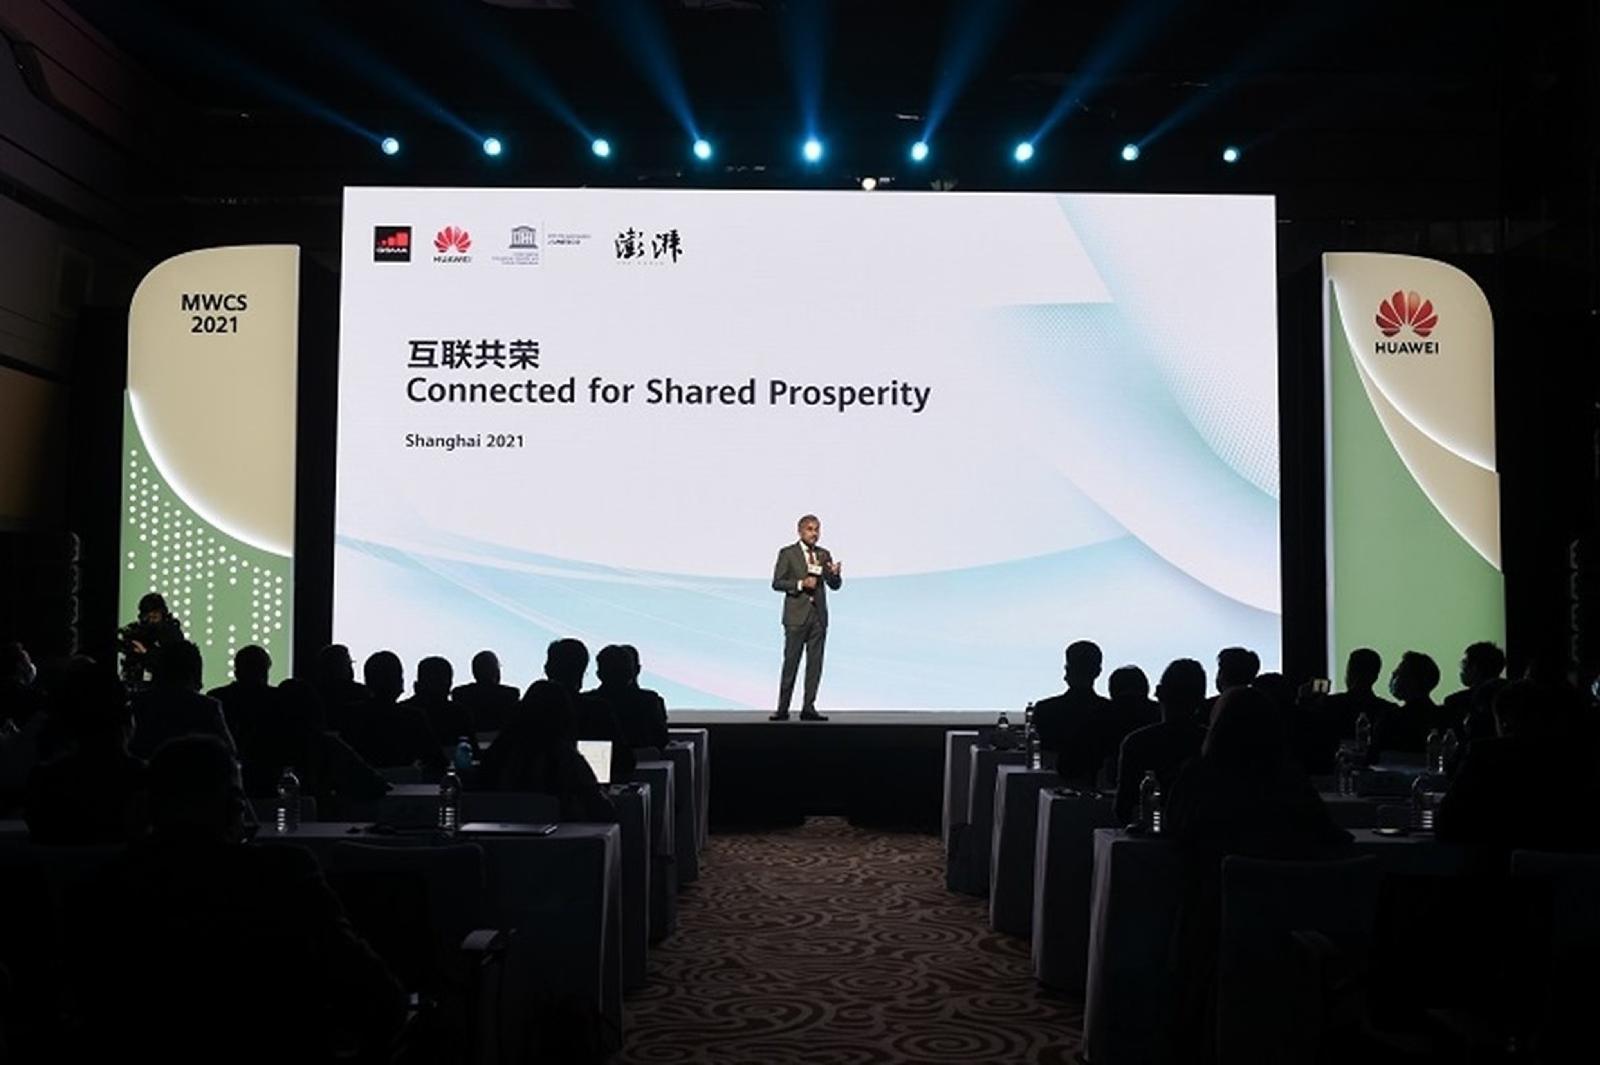 นับถอยหลัง 9 ปี สู่เส้นชัยการพัฒนาอย่างยั่งยืน 17 ประการขององค์การสหประชาชาติ [UN] ร่วมกับ Huawei ชูการขับเคลื่อนด้วยเทคโนโลยี